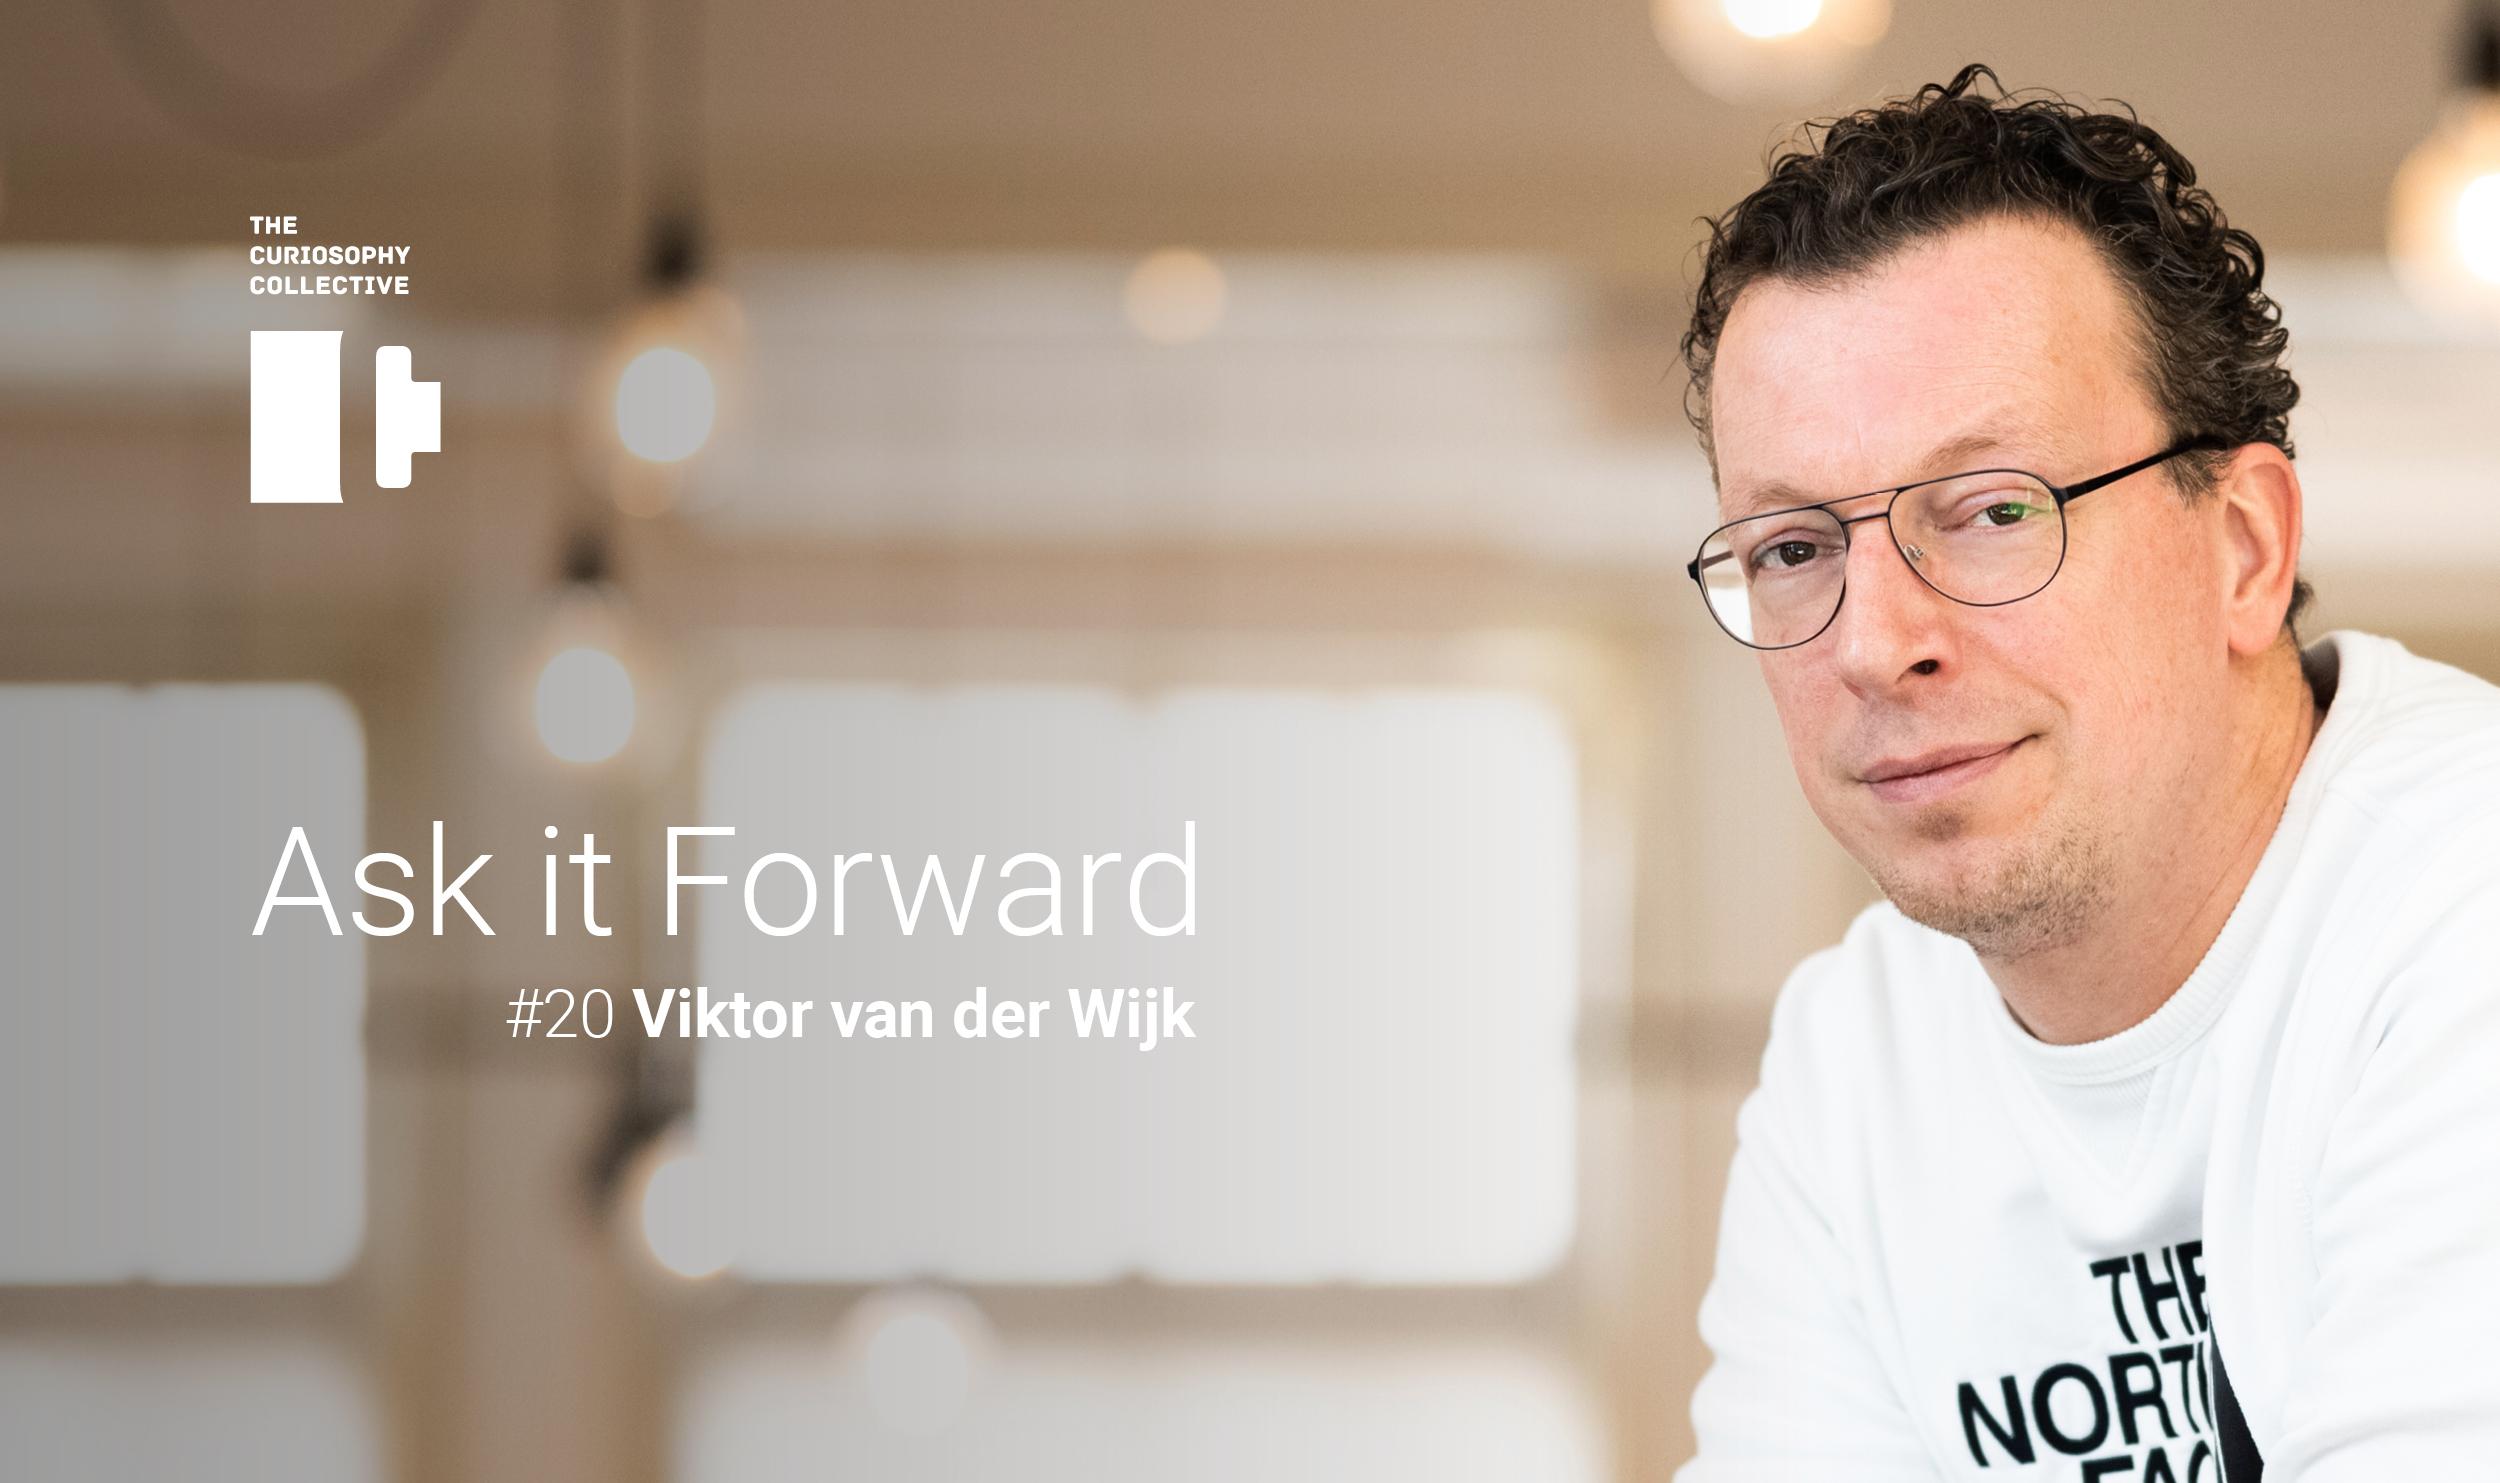 Ask it Forward #20 Viktor van der Wijk